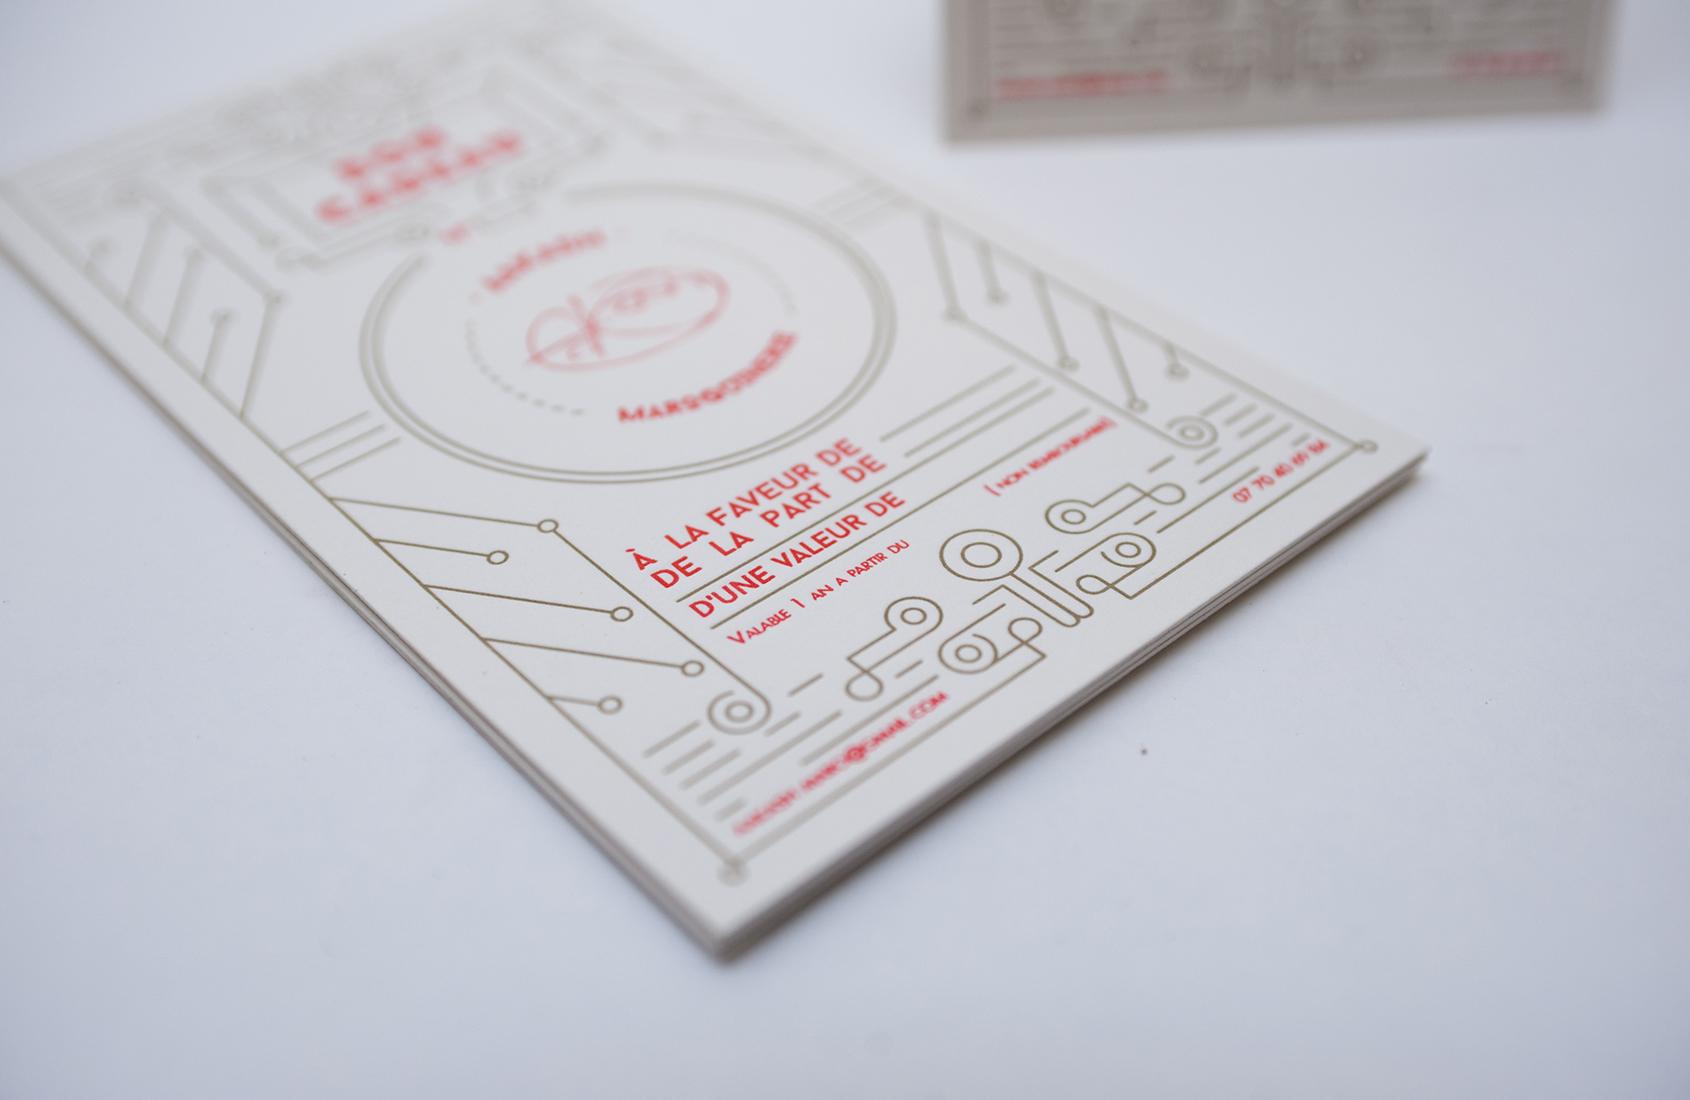 Bons cadeaux letterpress réalisés pour Aakash Maroquinerie.